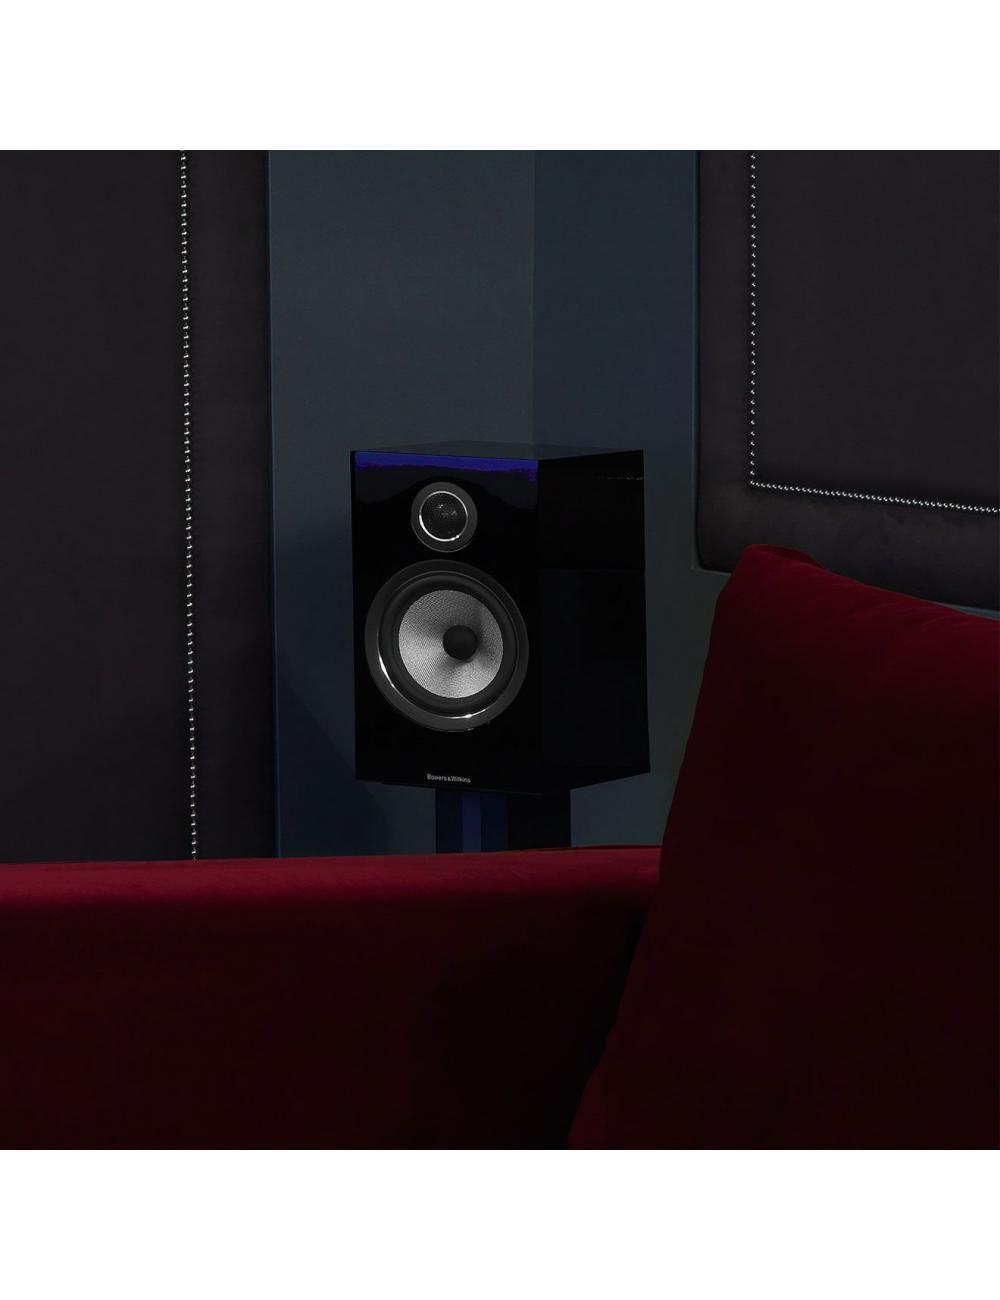 diffusori acustici da stand per hifi e home theater, Bowers & Wilkins 706, finitura nero lucido, surround